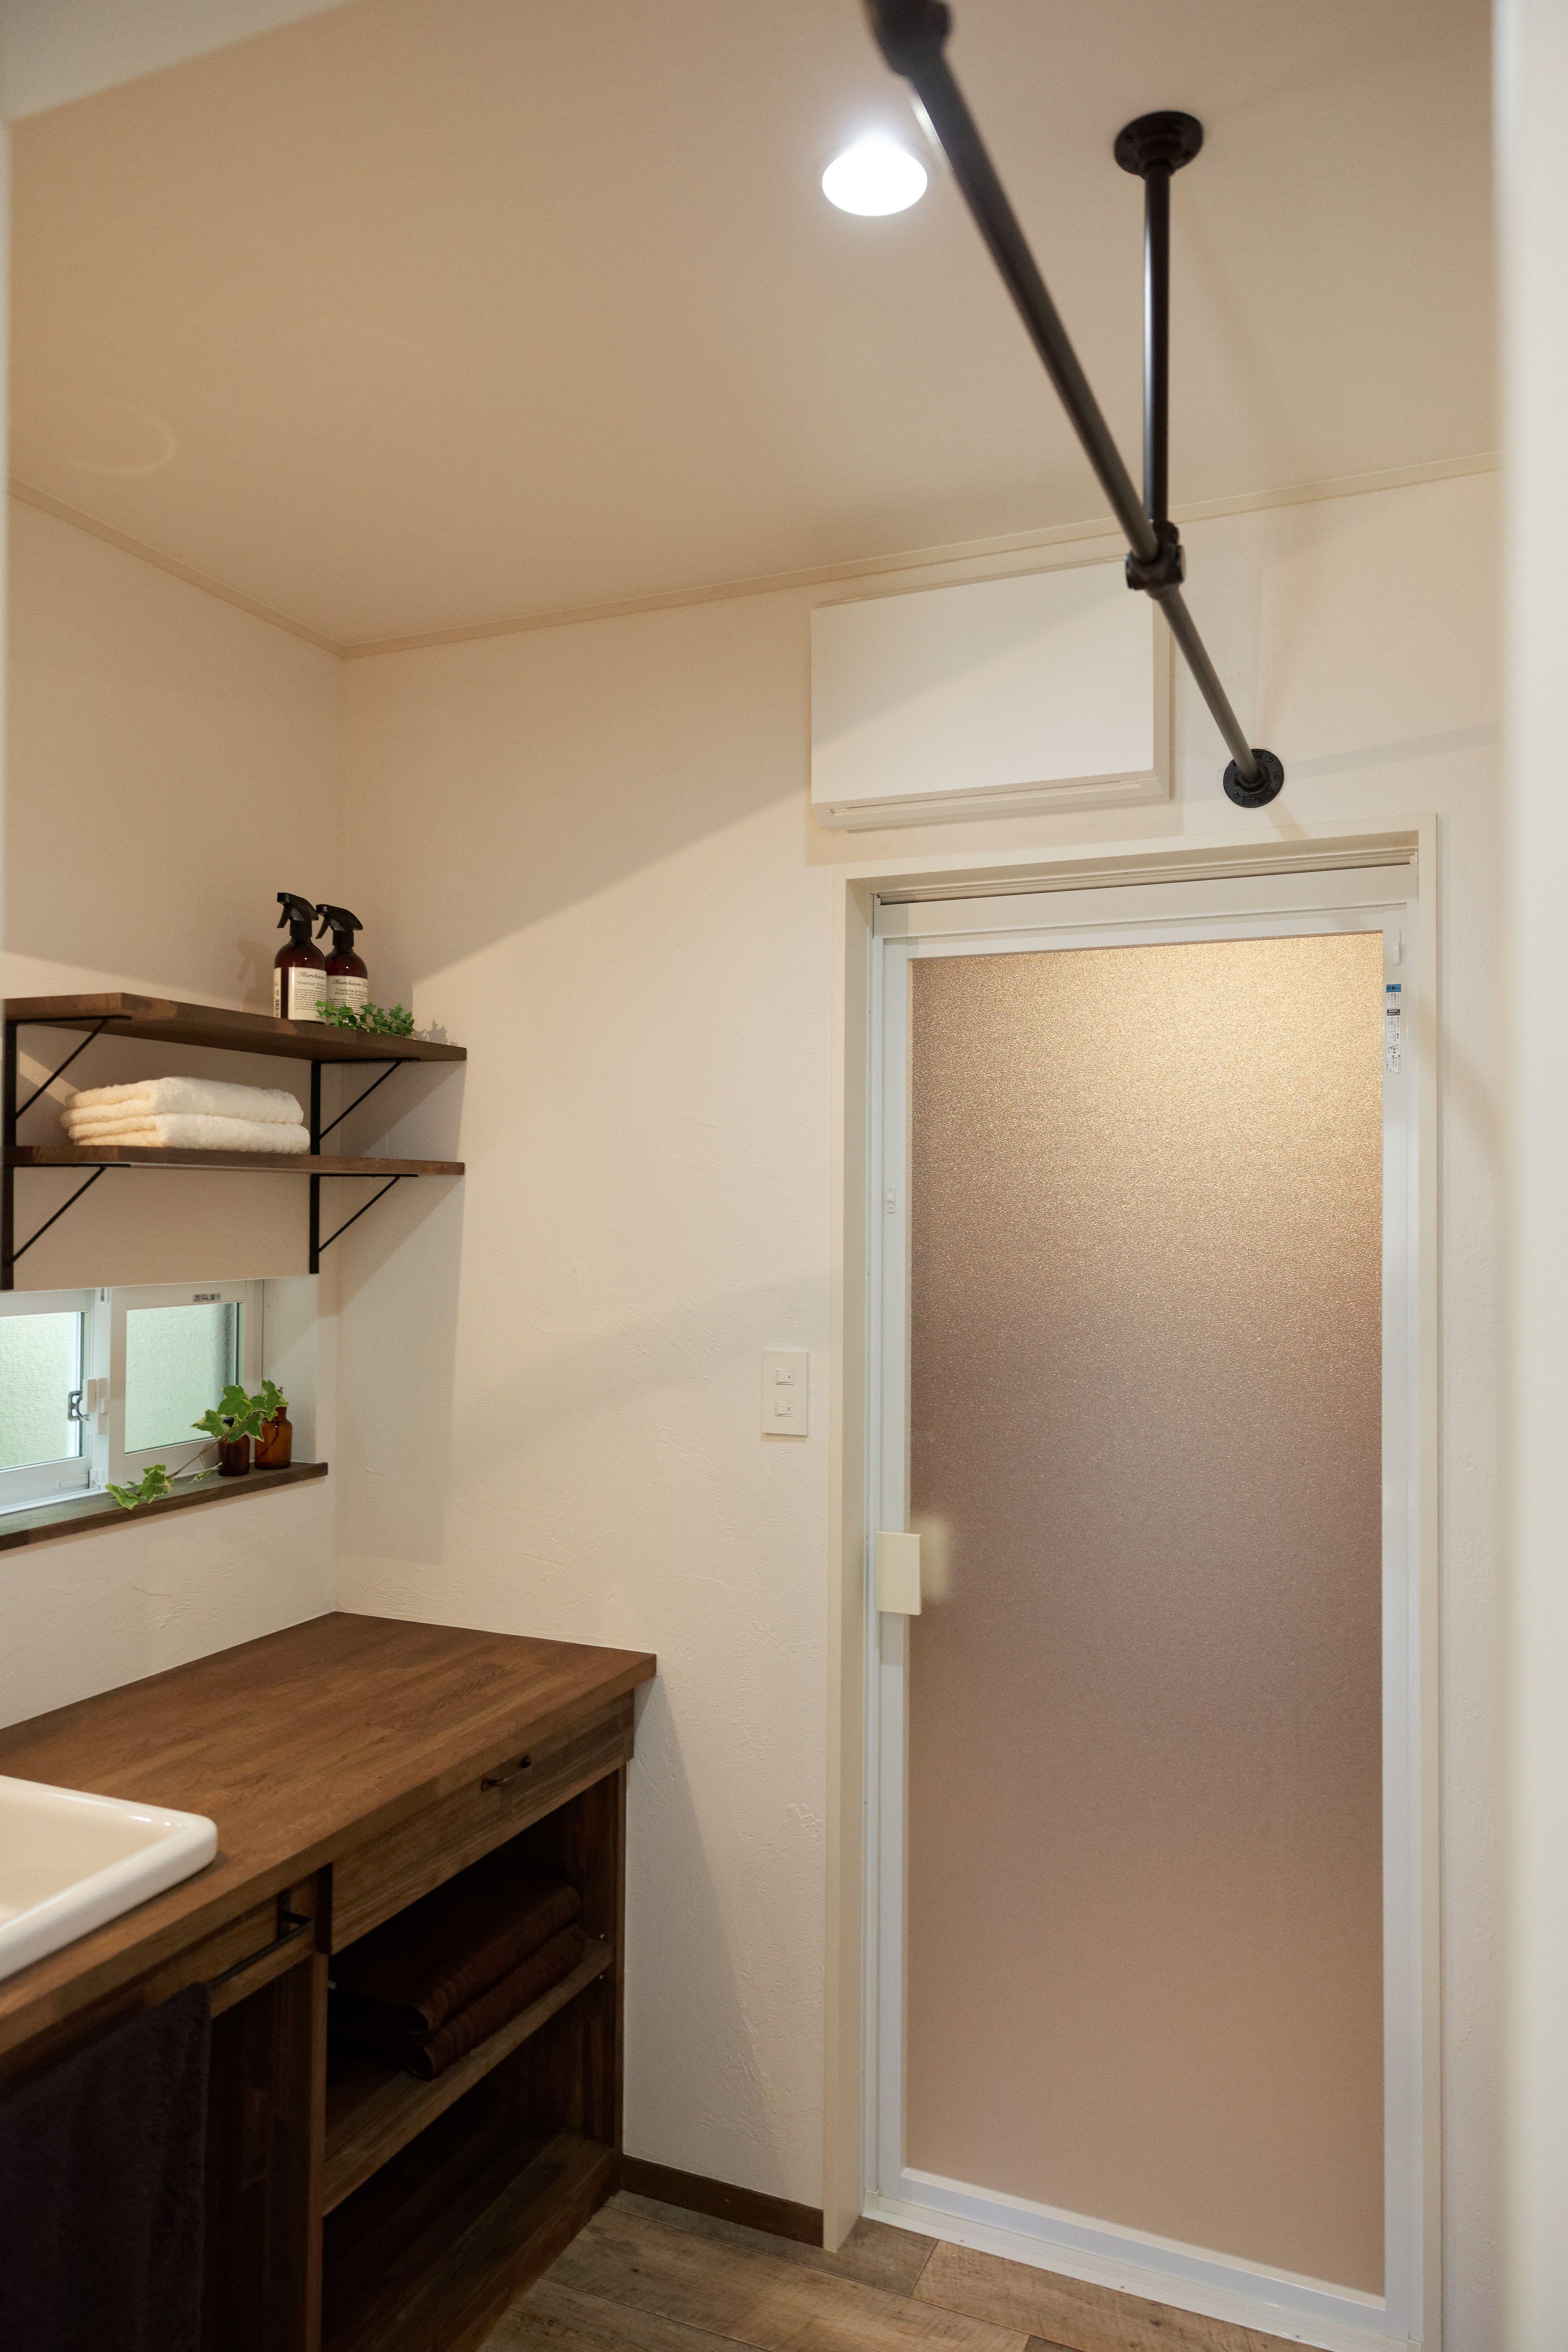 脱衣室には 室内干しができるようにアイアンバーを設置 この空間に